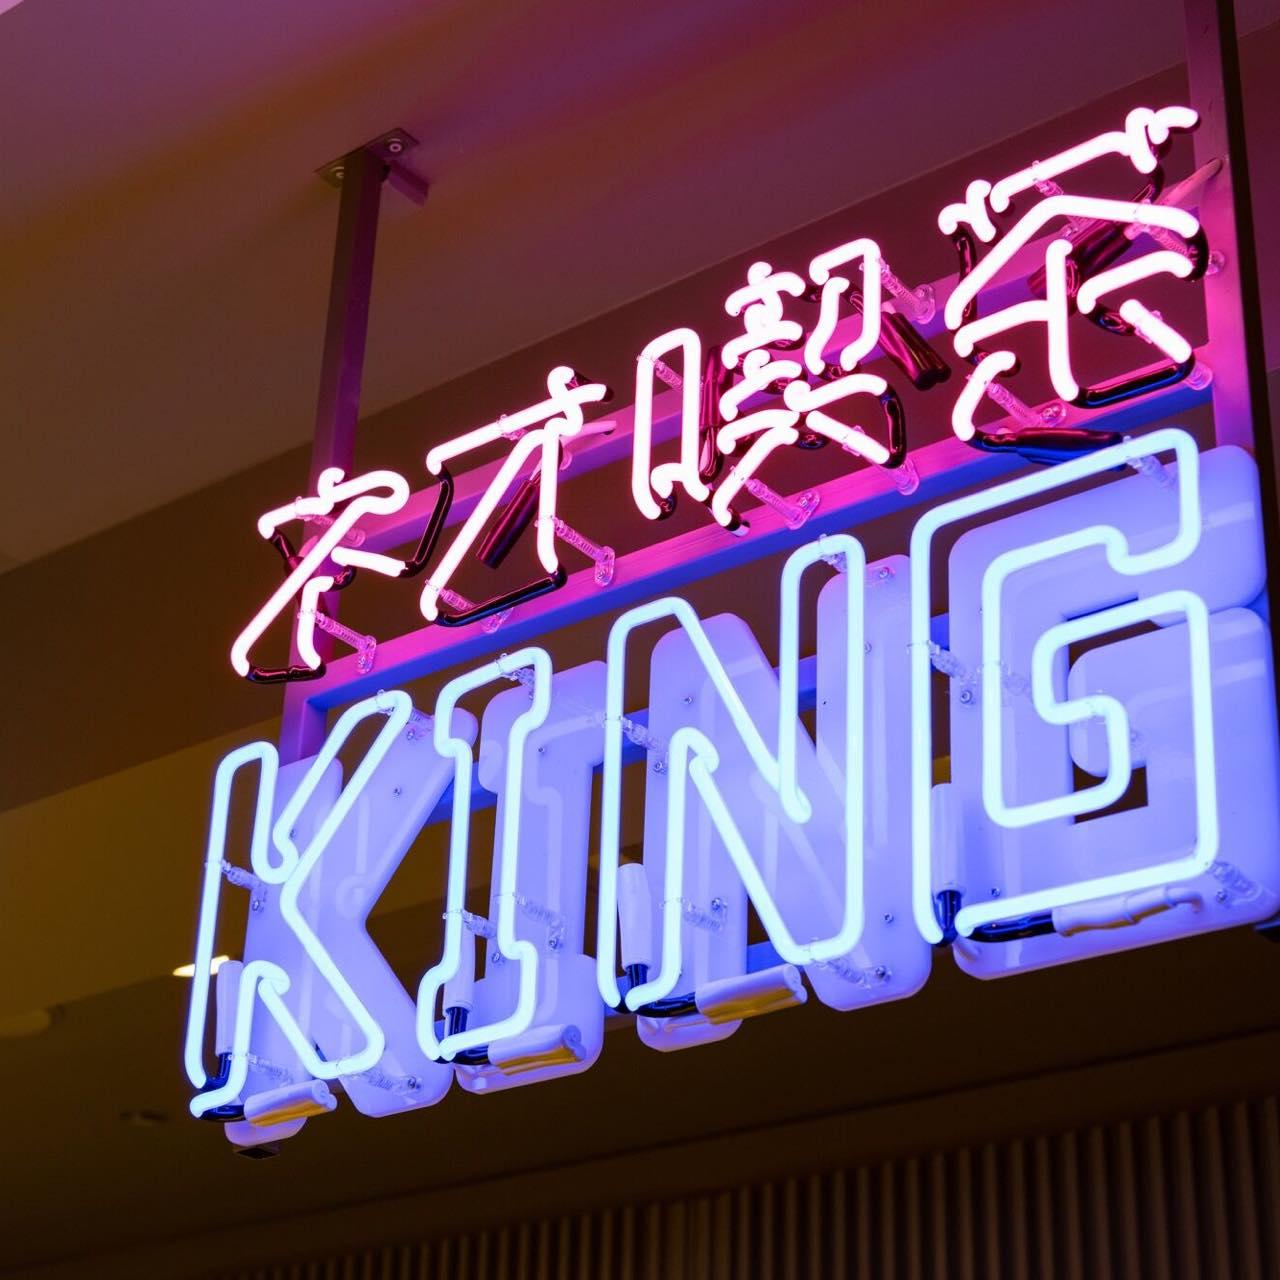 人気シェフによる食を楽しむ「ネオ喫茶KING」が有楽町にオープン